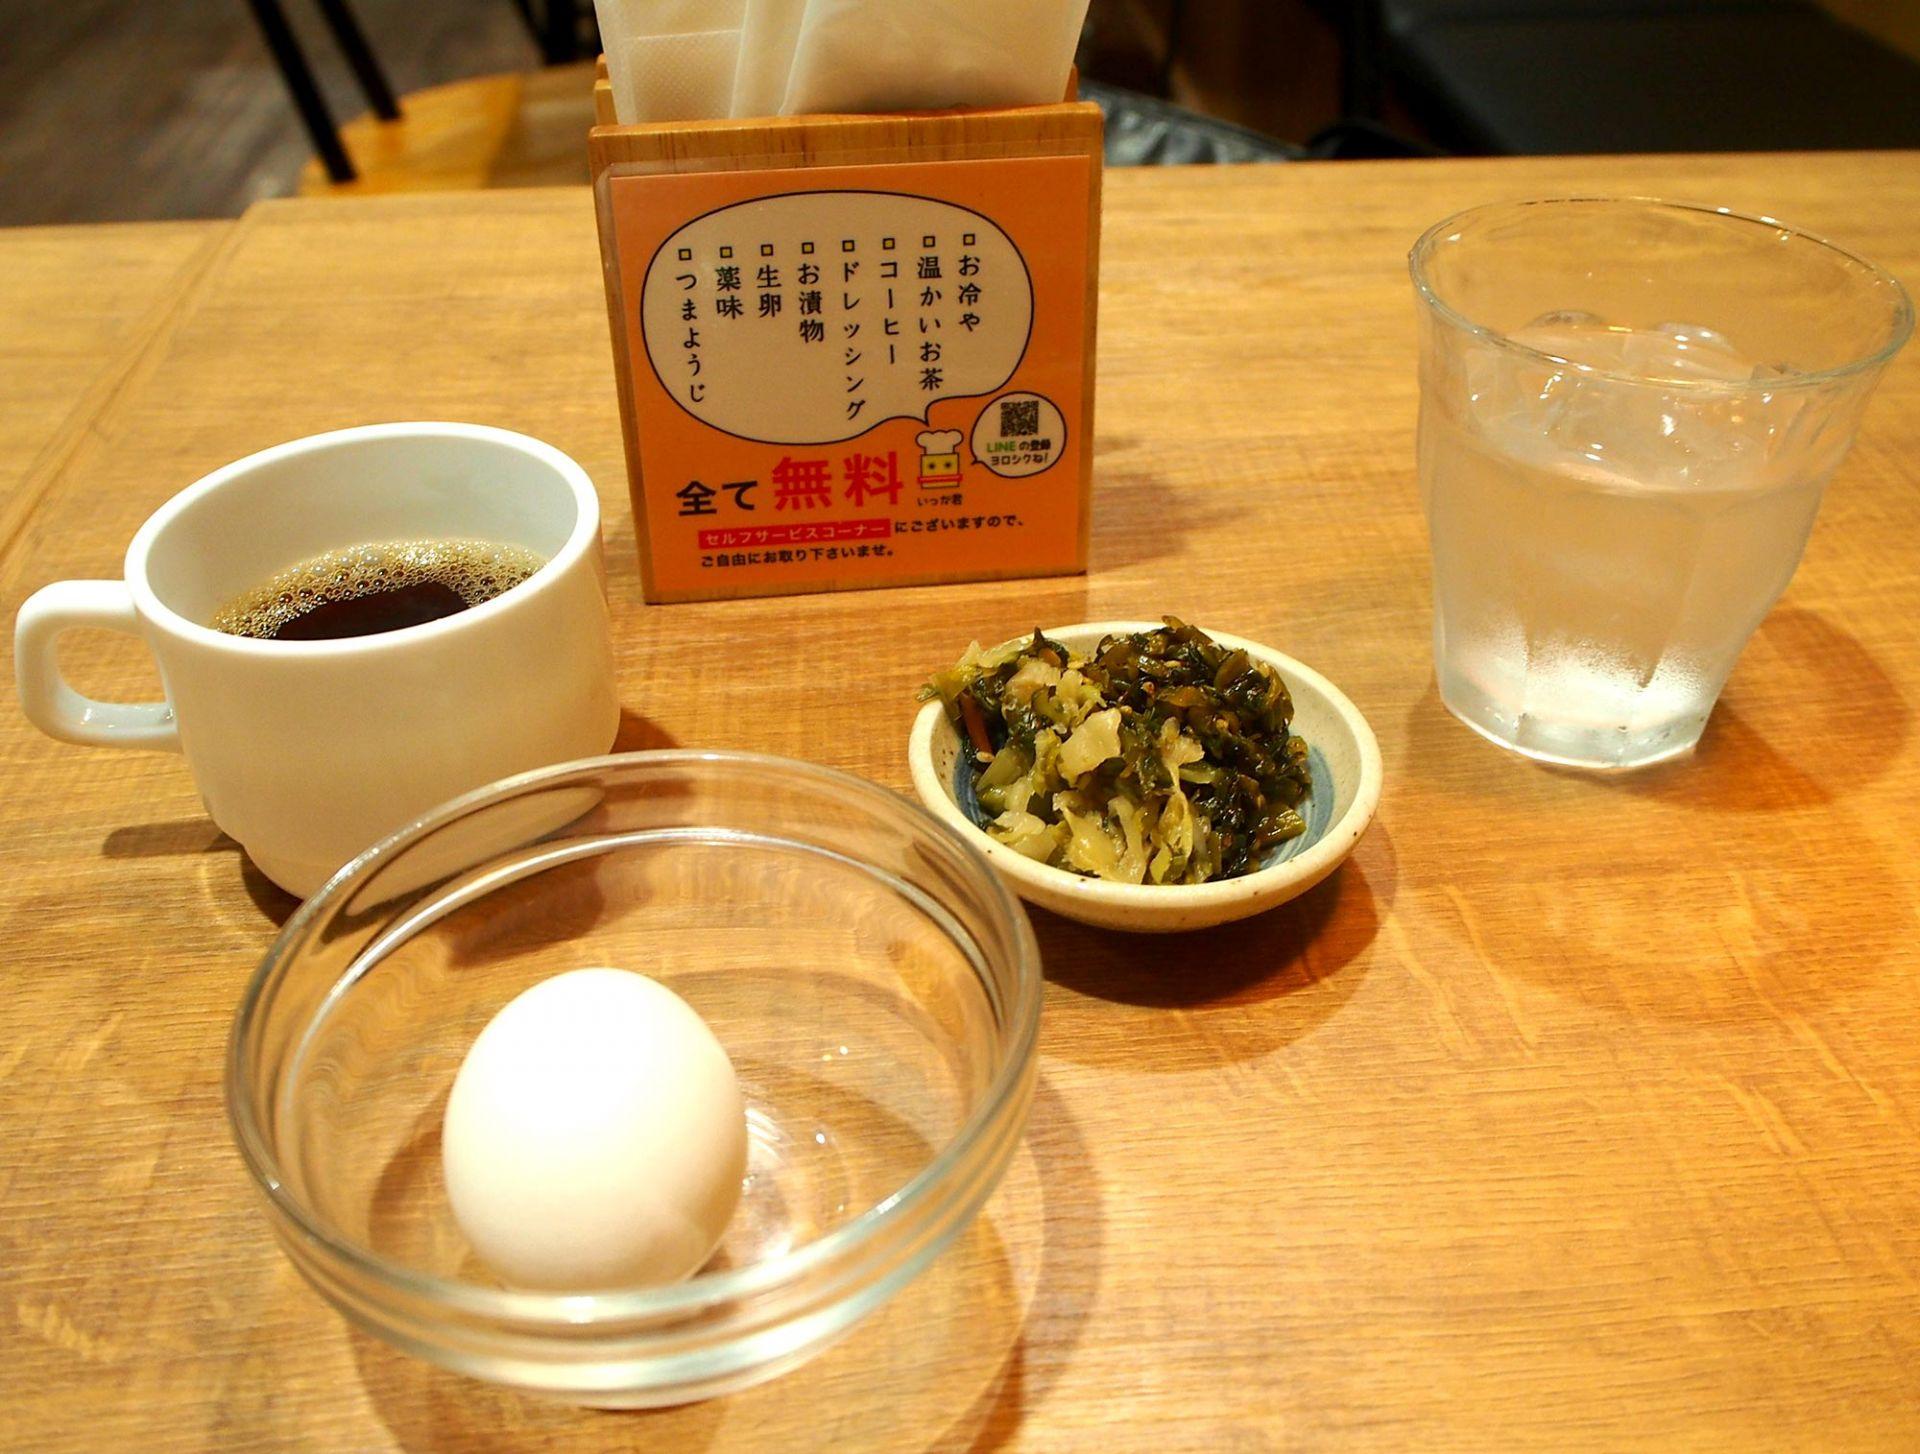 热茶、咖啡、渍物、生鸡蛋可以不限次数取用